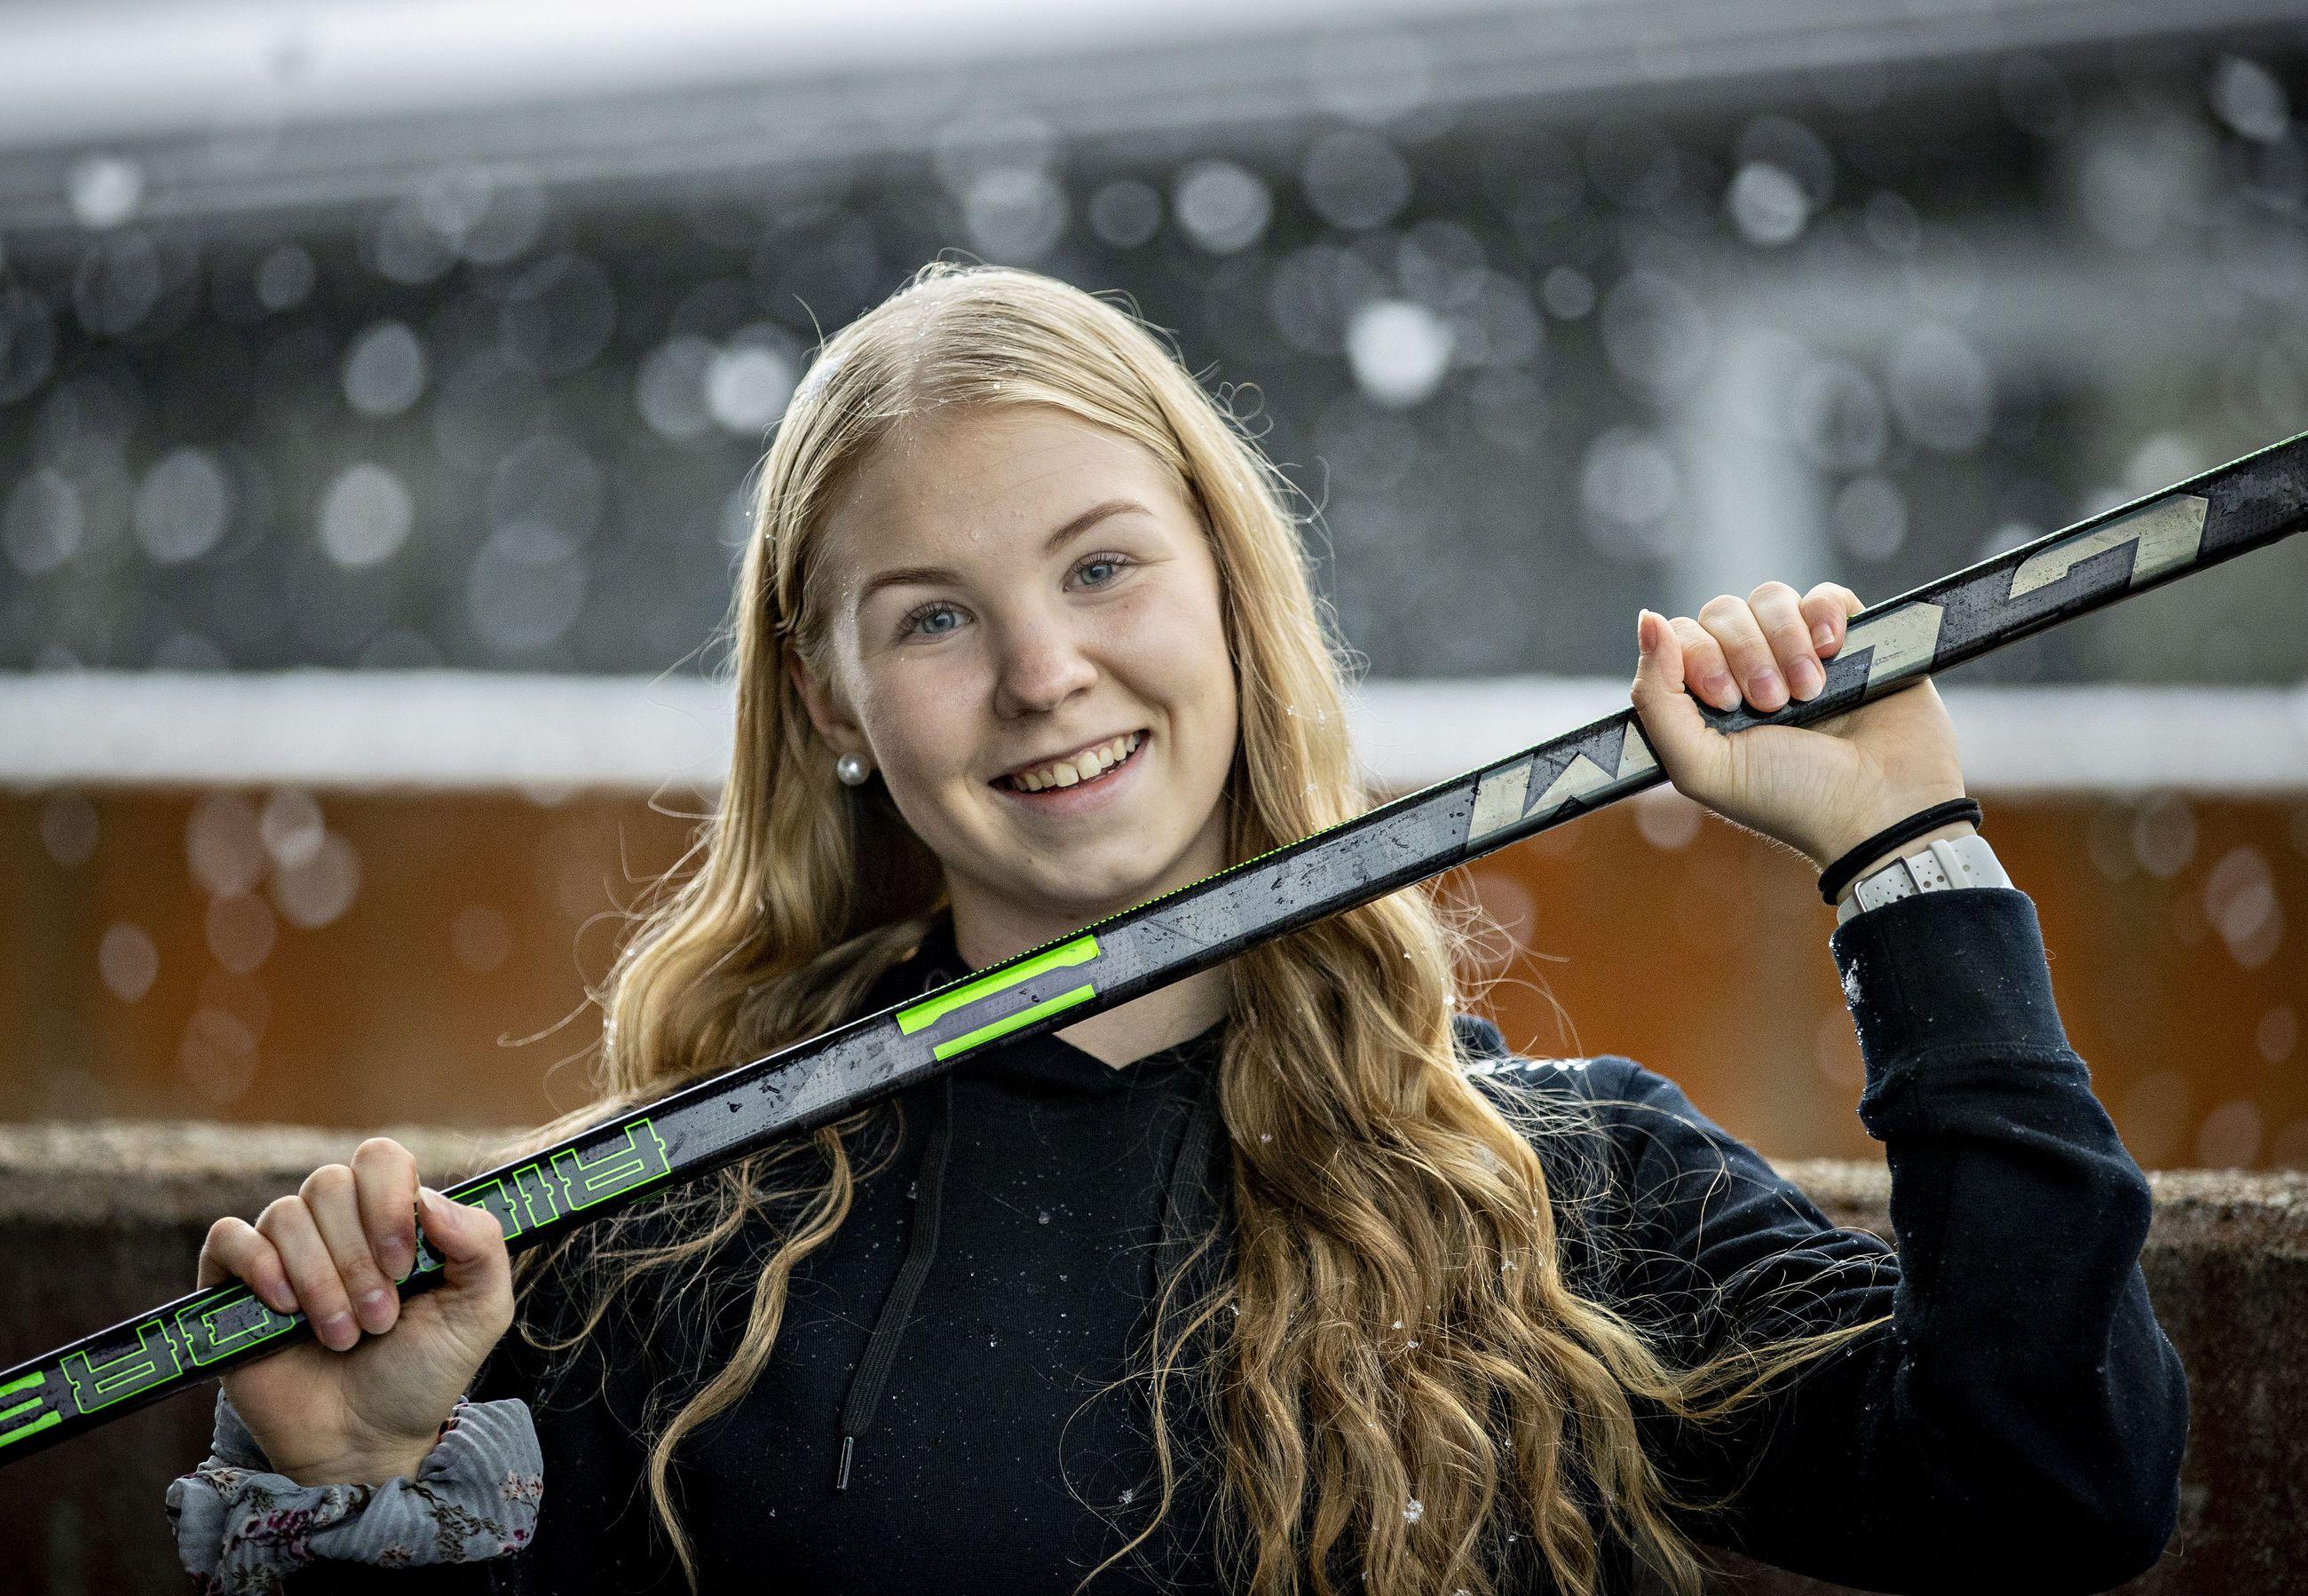 Anna-Kaisa Antti-Roiko haluaa pelata kiekkoa mahdollisimman pitkään. Hän kokee, että kehitettävää riittää vielä pelin jokaisella osa-alueella.